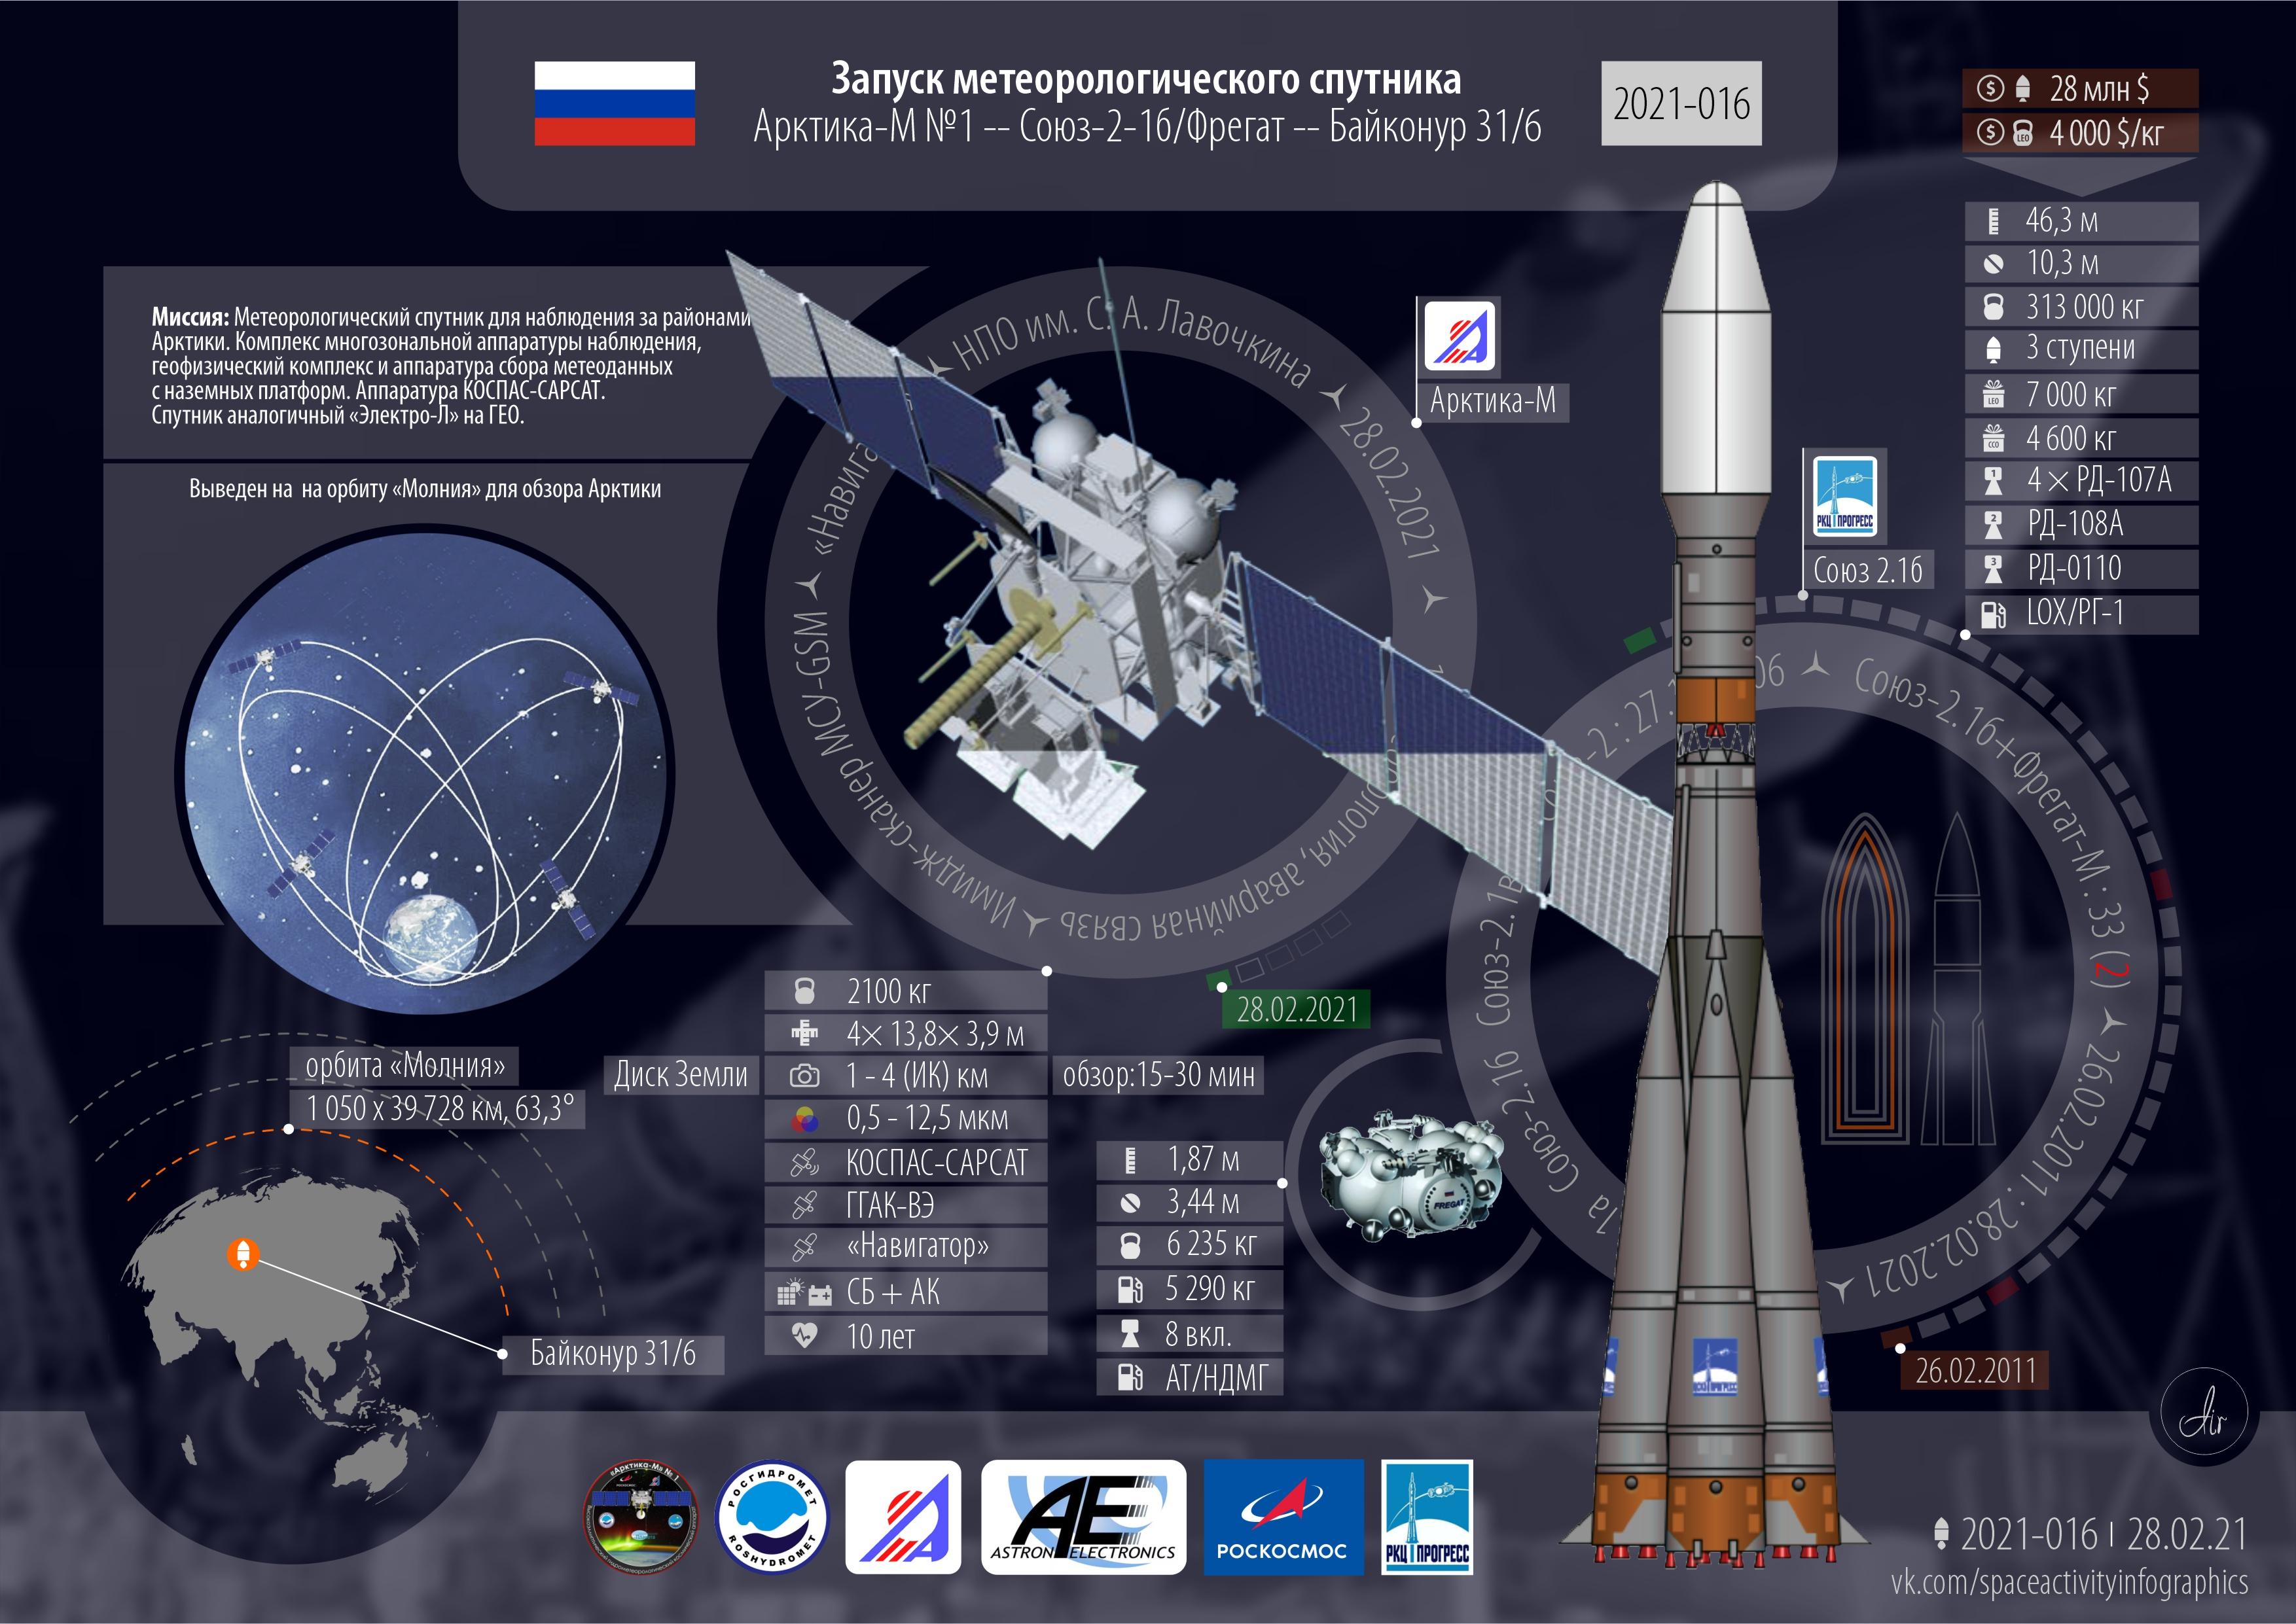 Союз 2.1б/Фрегат | Арктика М1.